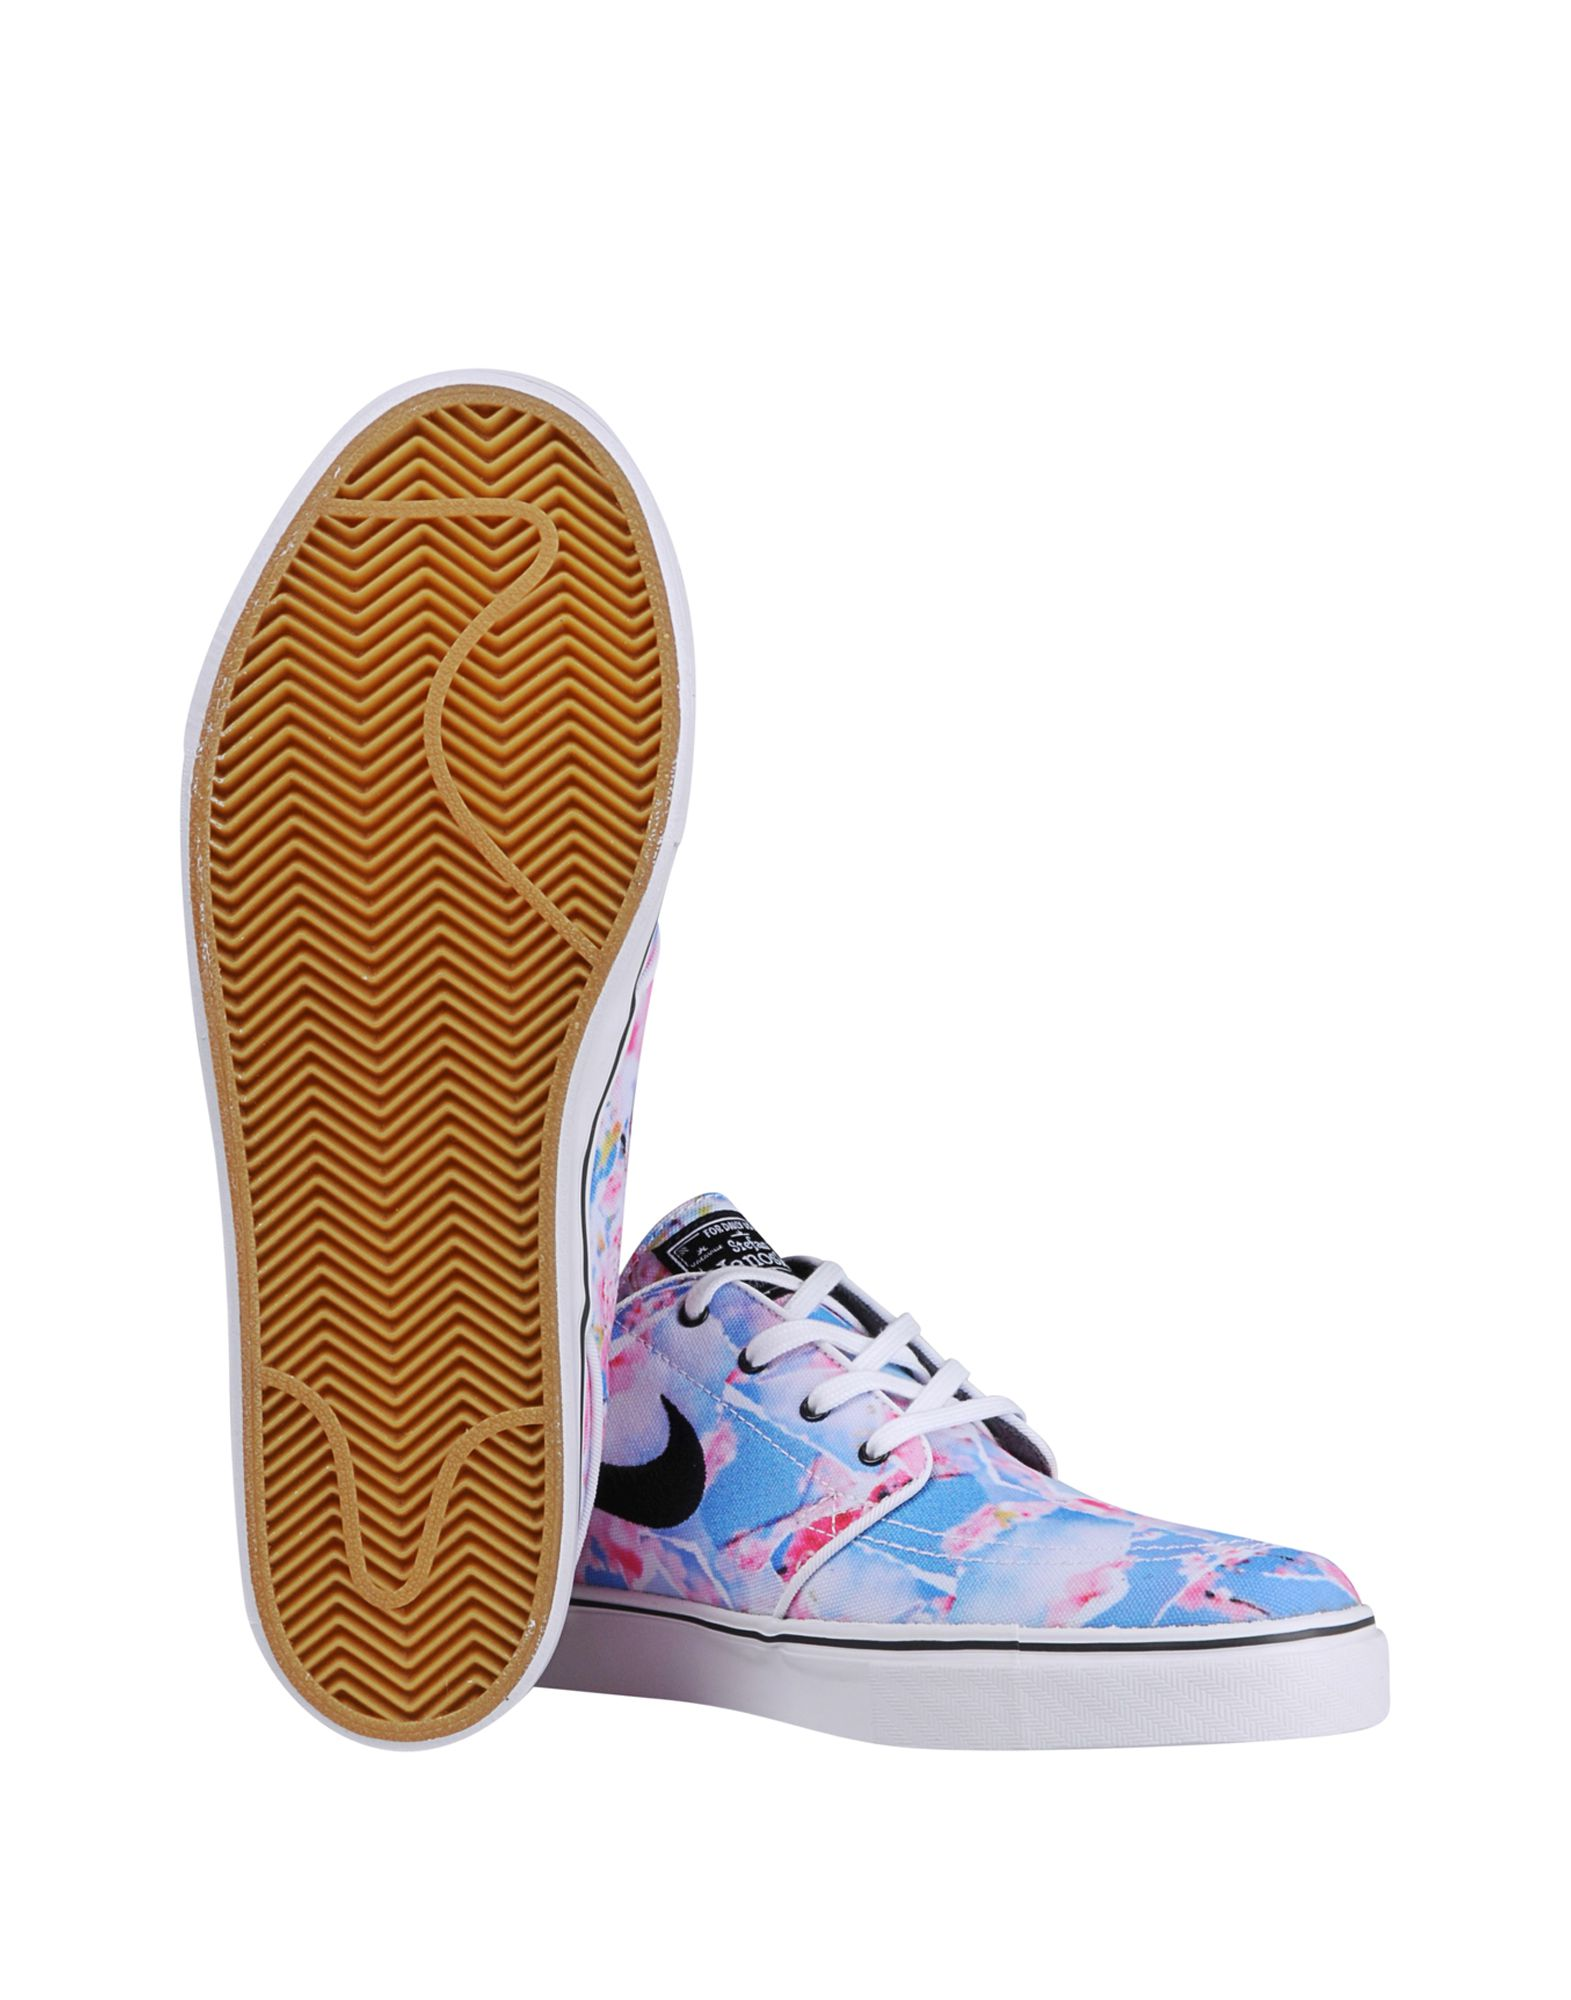 Sneakers Nike Zoom Stefan Janoski Cnvs Prm - Uomo - 11024561JV